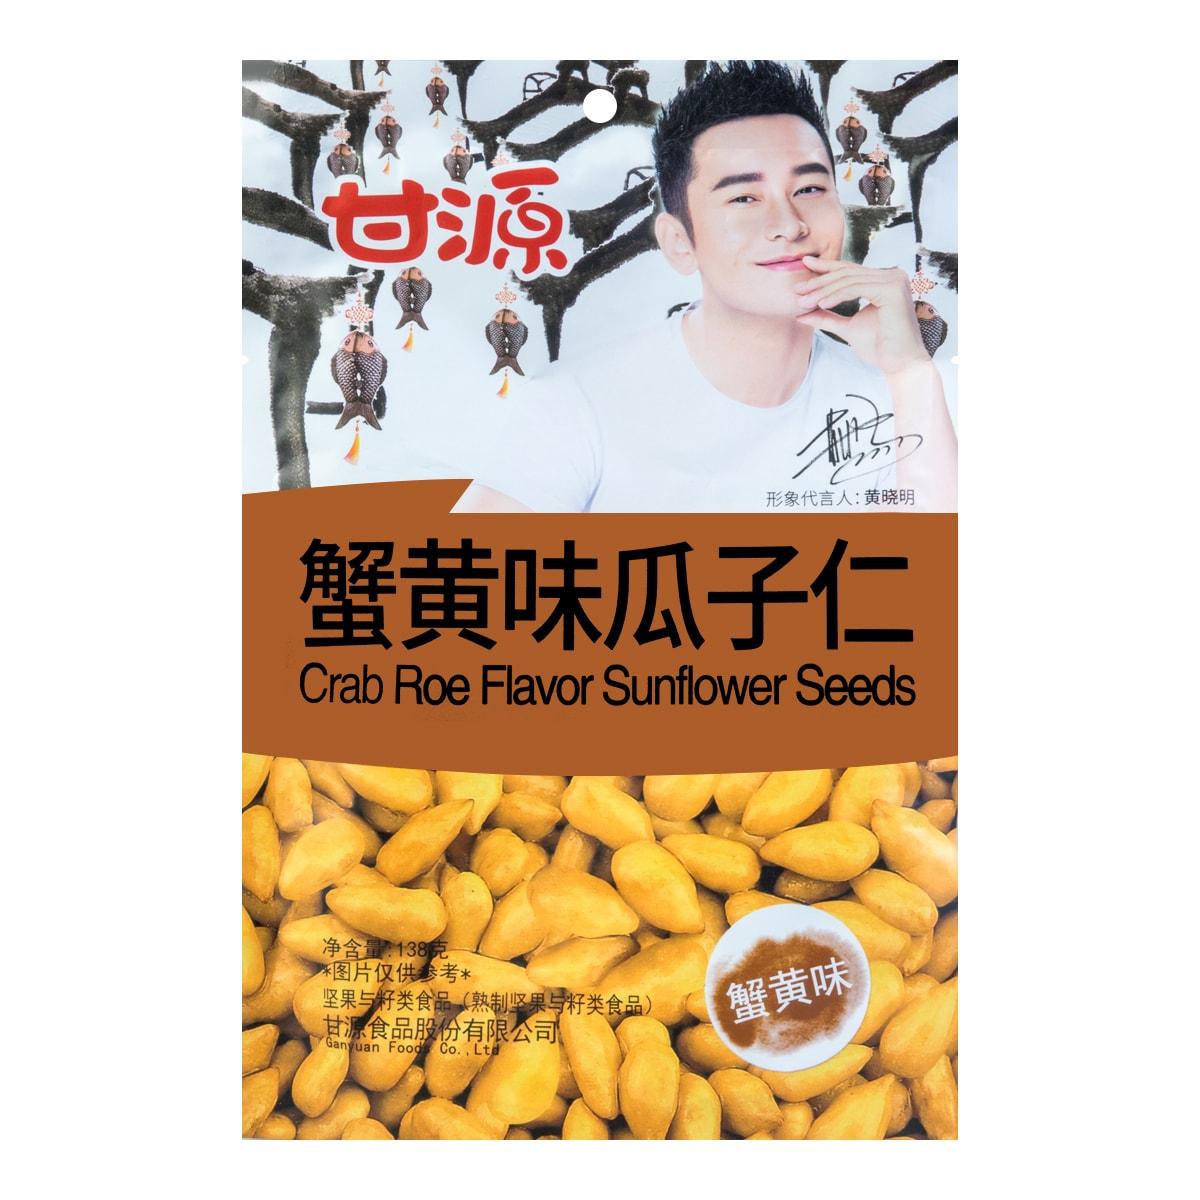 甘源 蟹黄味瓜子仁 138g